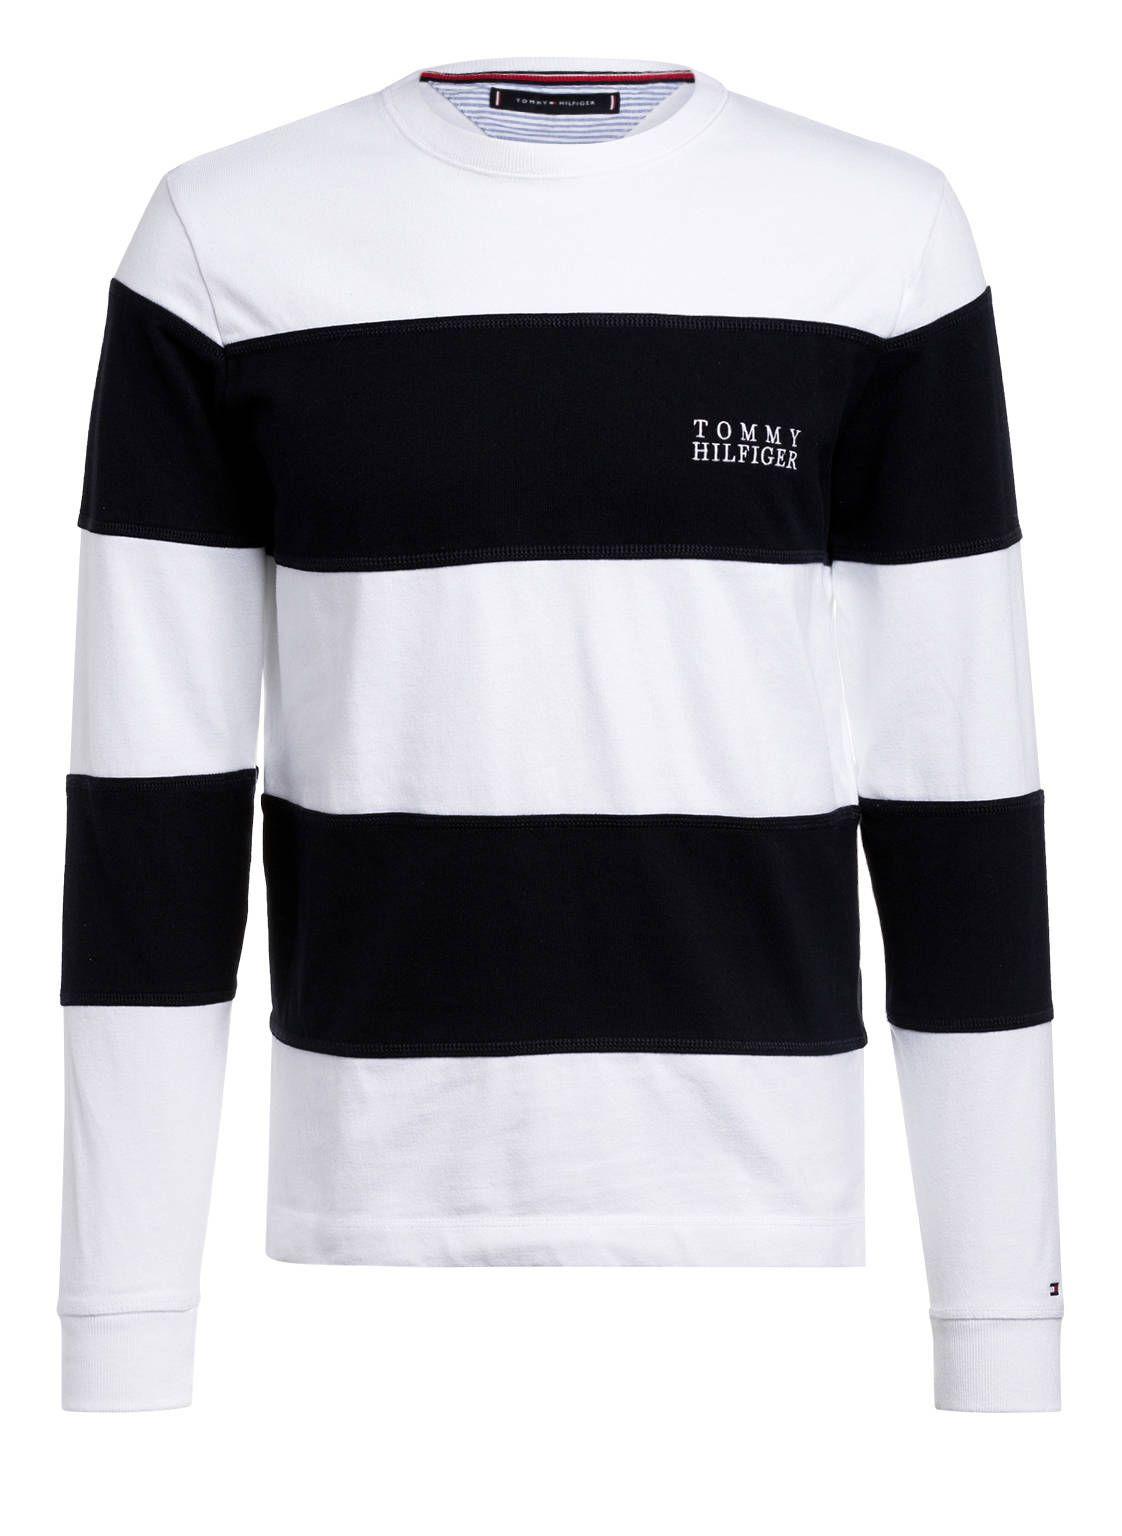 Sweatshirt Von Tommy Hilfiger Bei Breuninger Kaufen In 2020 Tommy Hilfiger Sweatshirt Tommy Hilfiger Und Breuninger